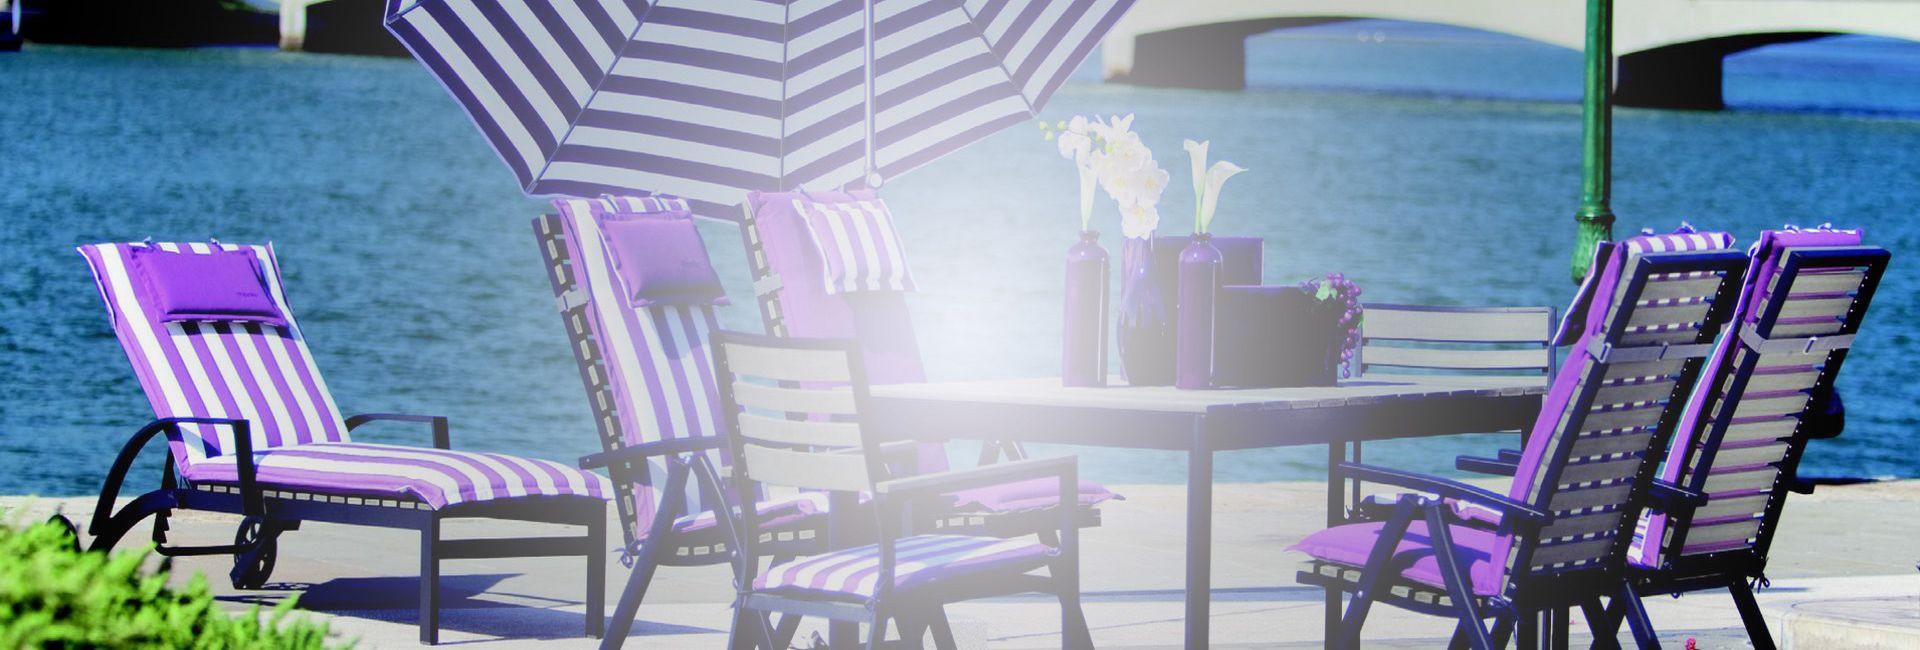 Dopplershop SK - výpredaj záhradného nábytka